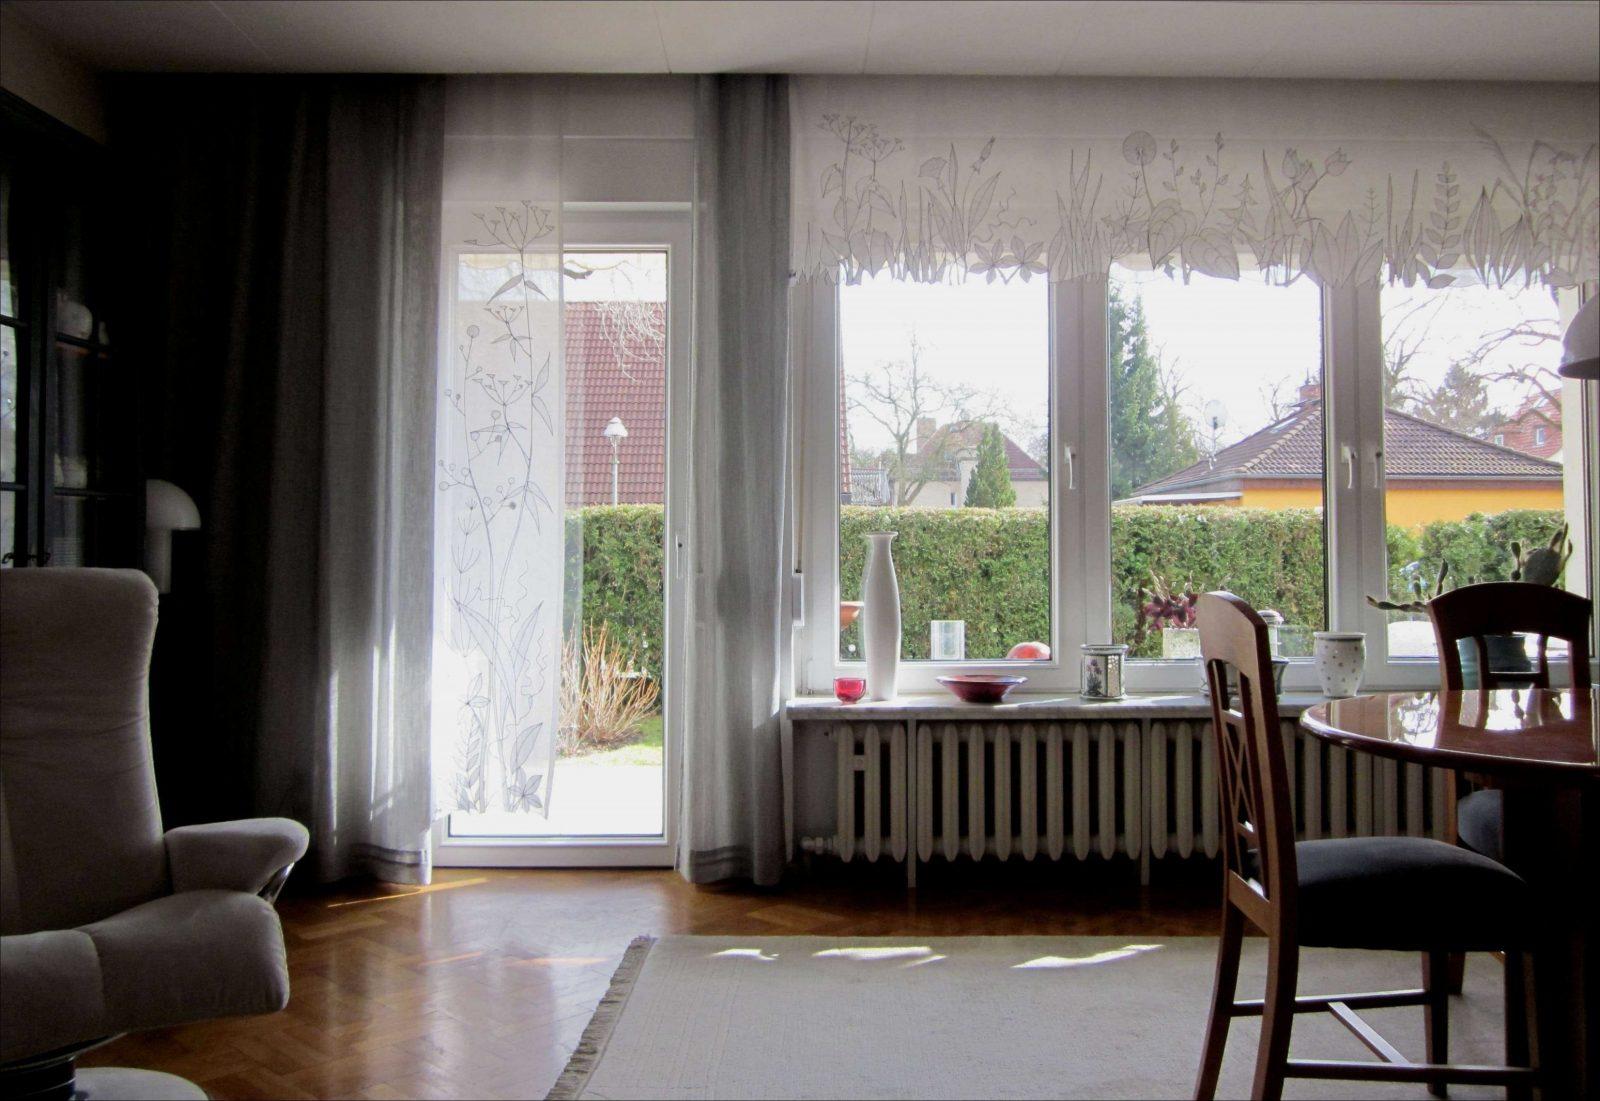 Das Inspirierend Gardinen Für Fenster Mit Balkontür Bieten Ihre Für von Gardinen Für Balkontür Und Fenster Bild